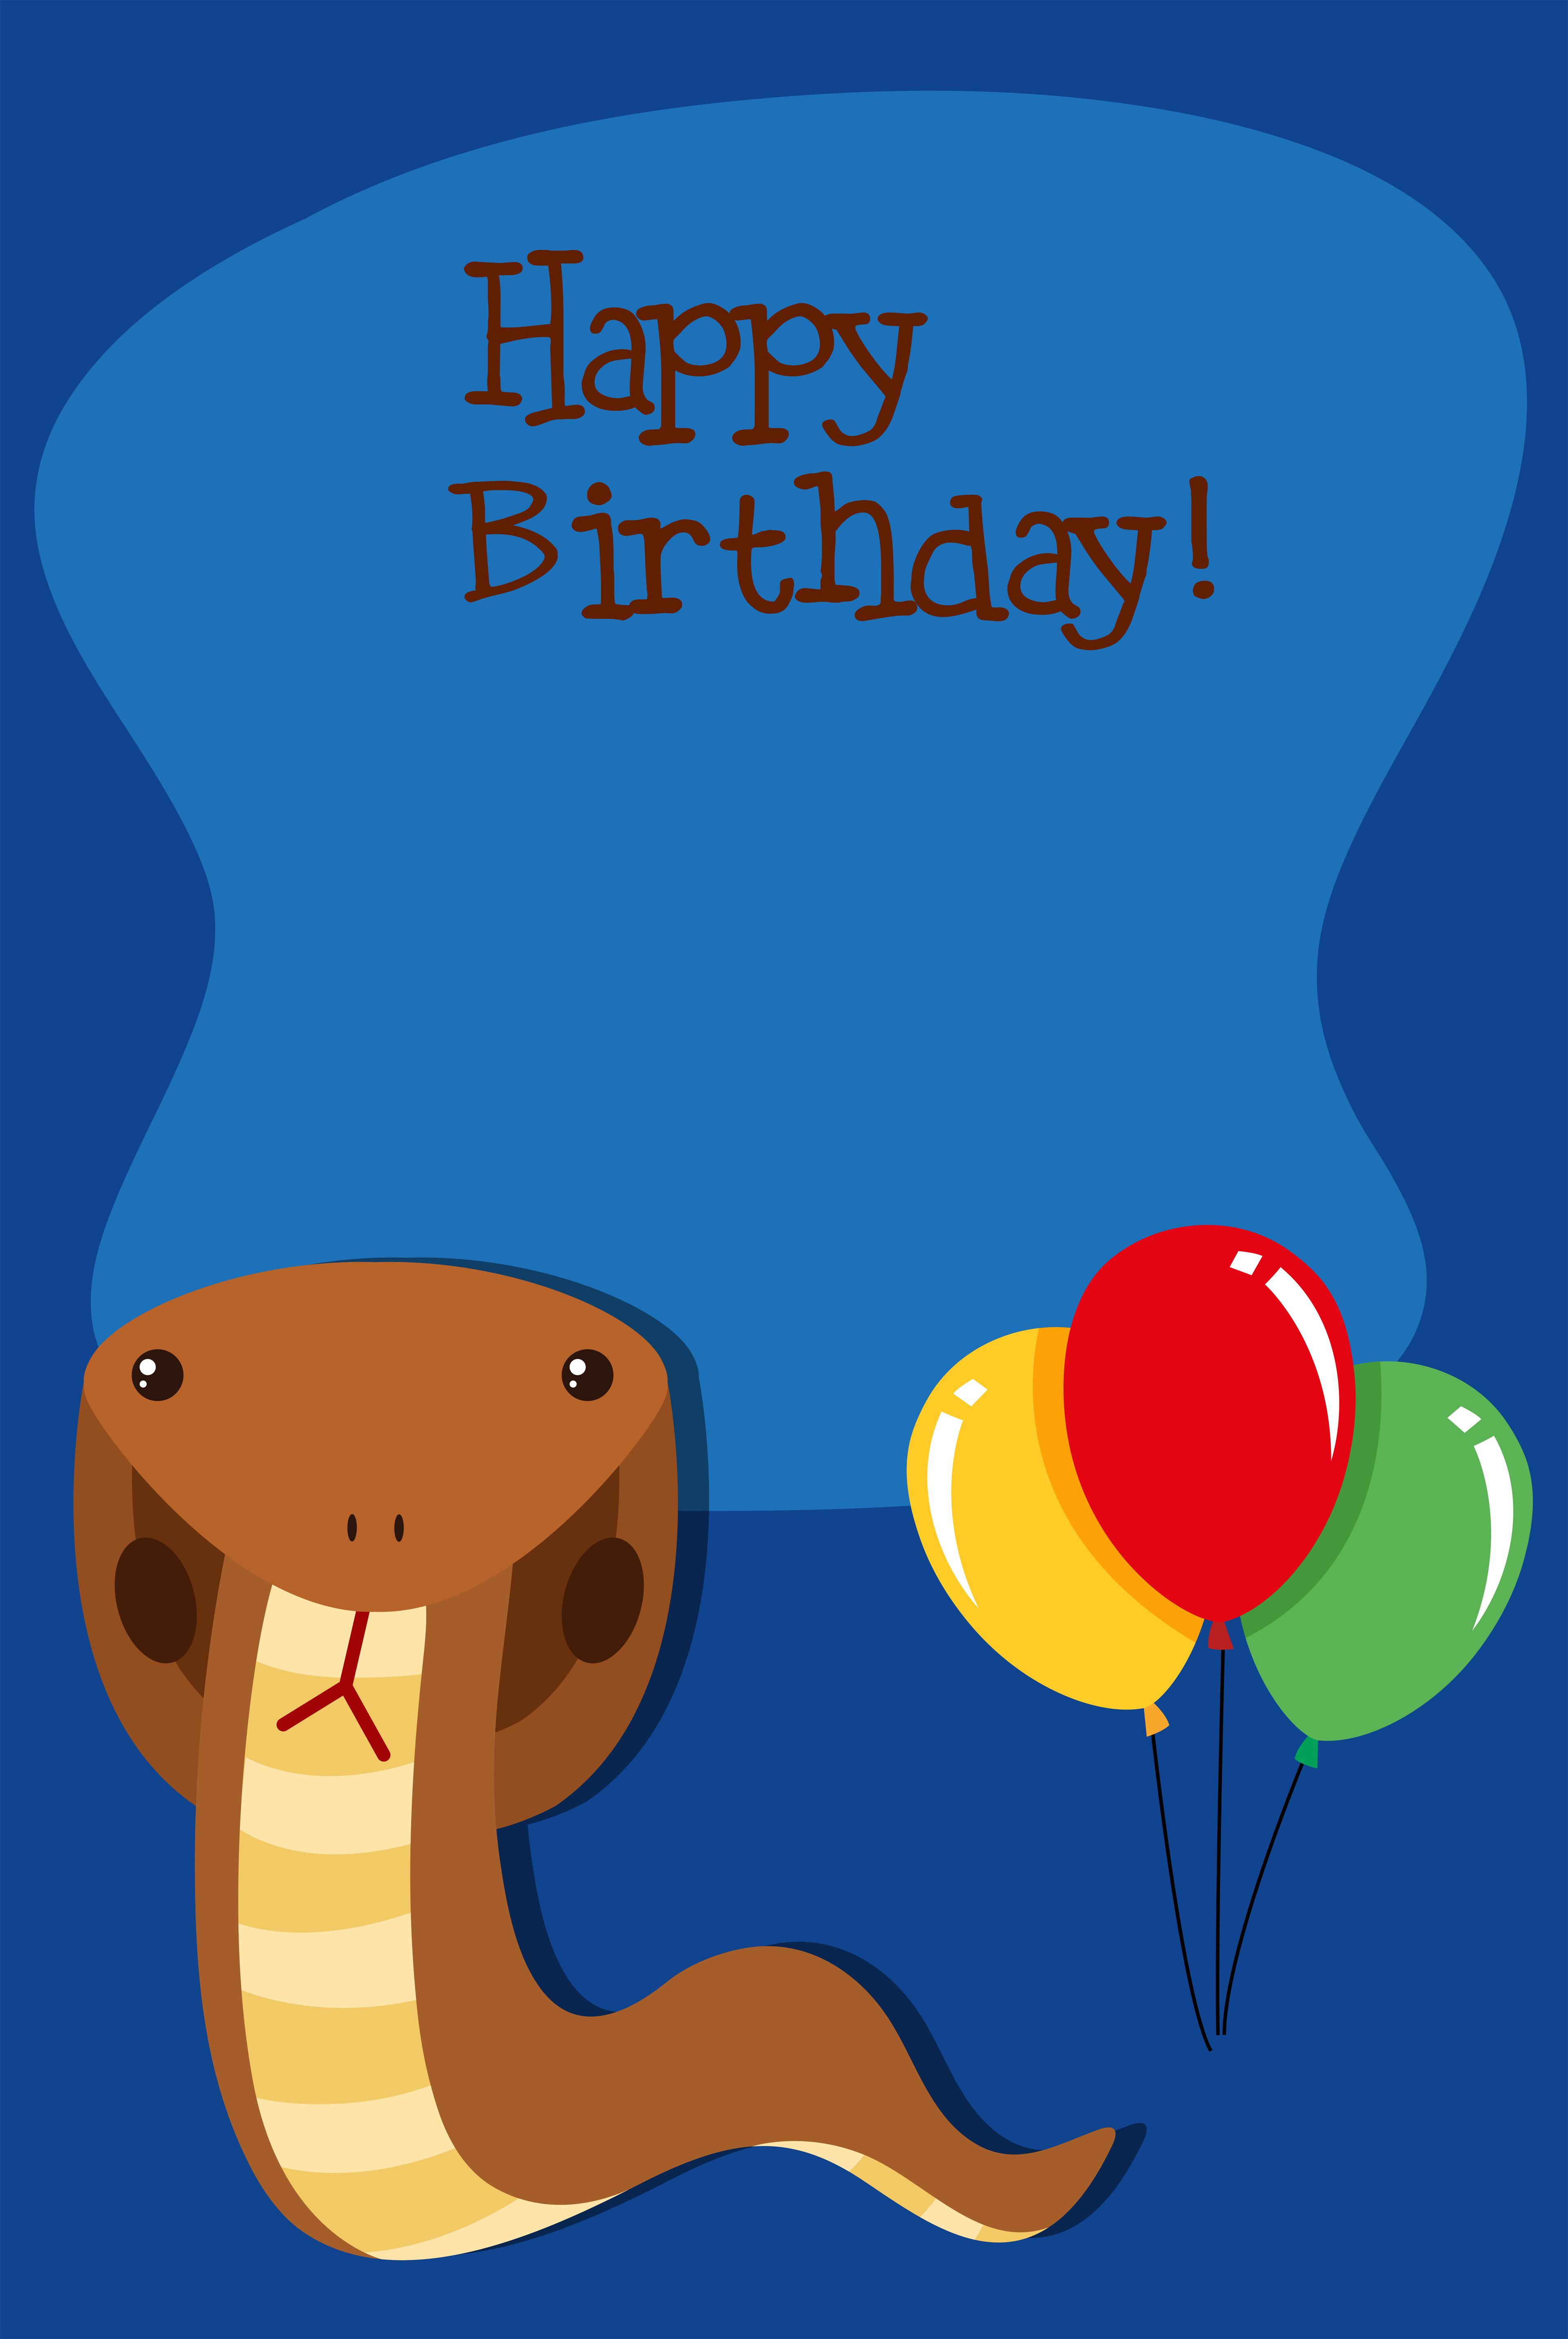 как задавались змеиный день рождения мультяшные картинки что густота размер